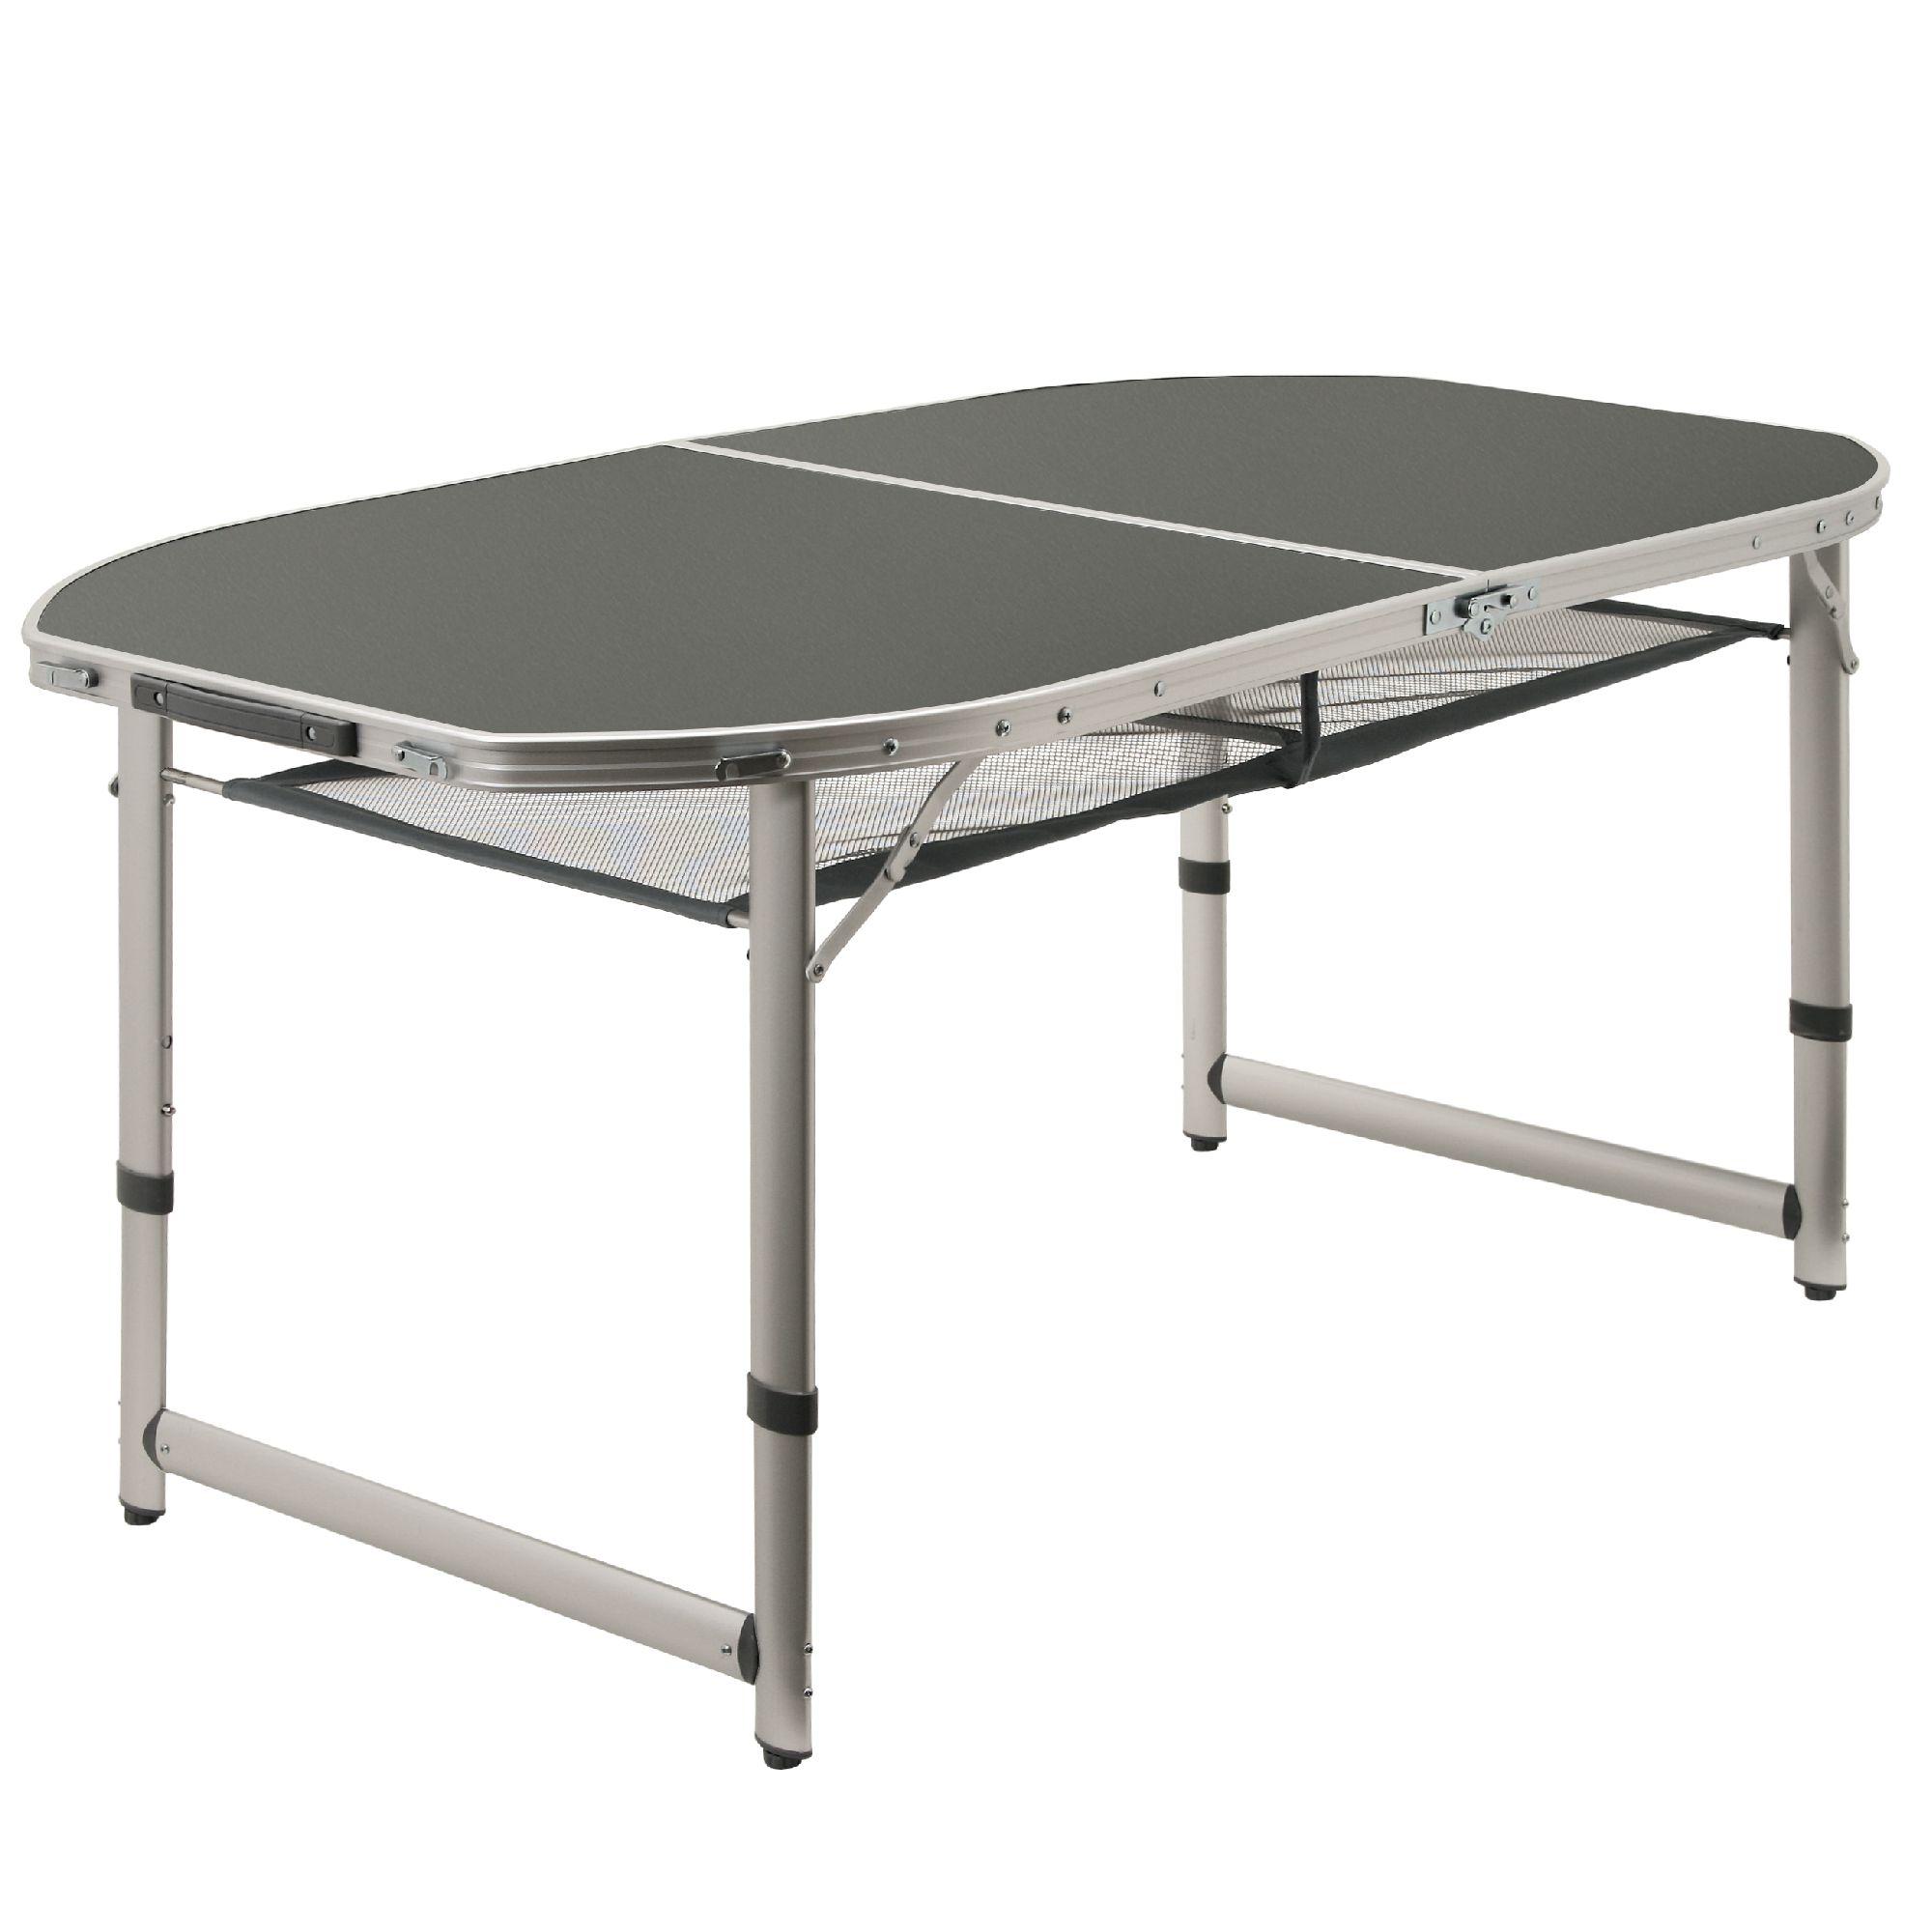 Campfeuer Campingtisch 150 X 80 Cm Klapptisch Falttisch Gartentisch